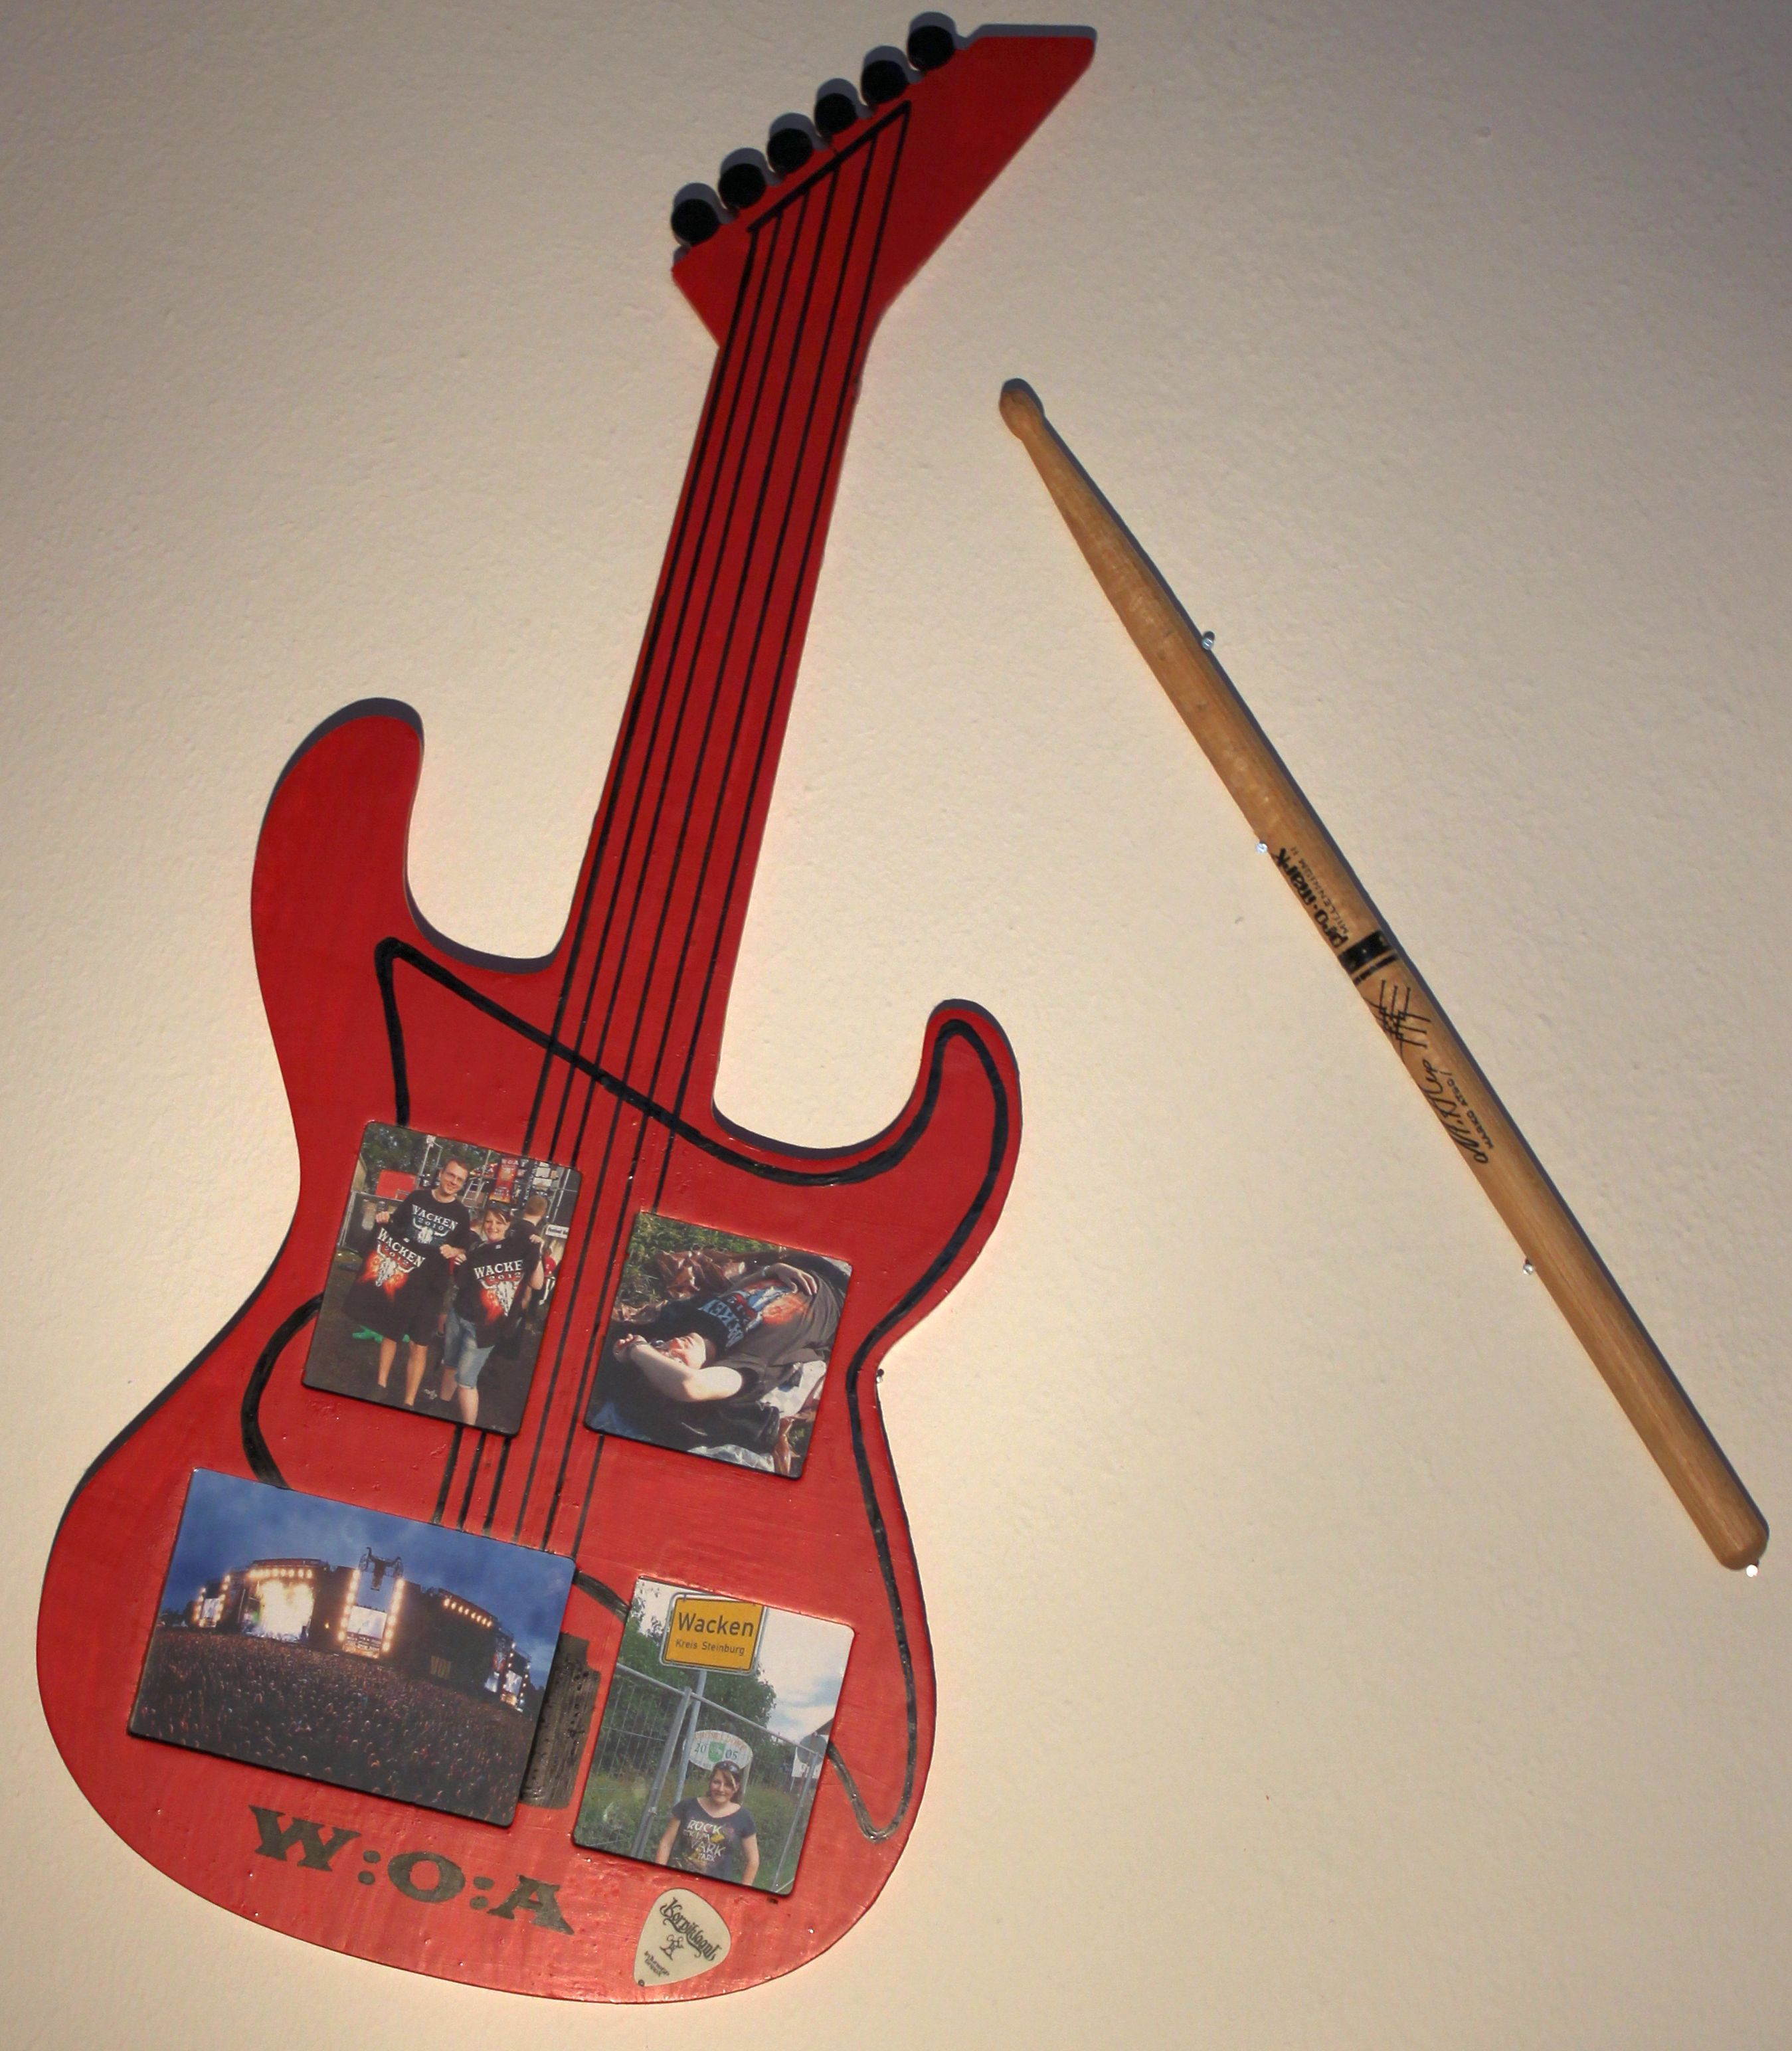 Ausgezeichnet Gitarre Bilderrahmen Galerie - Bilderrahmen Ideen ...